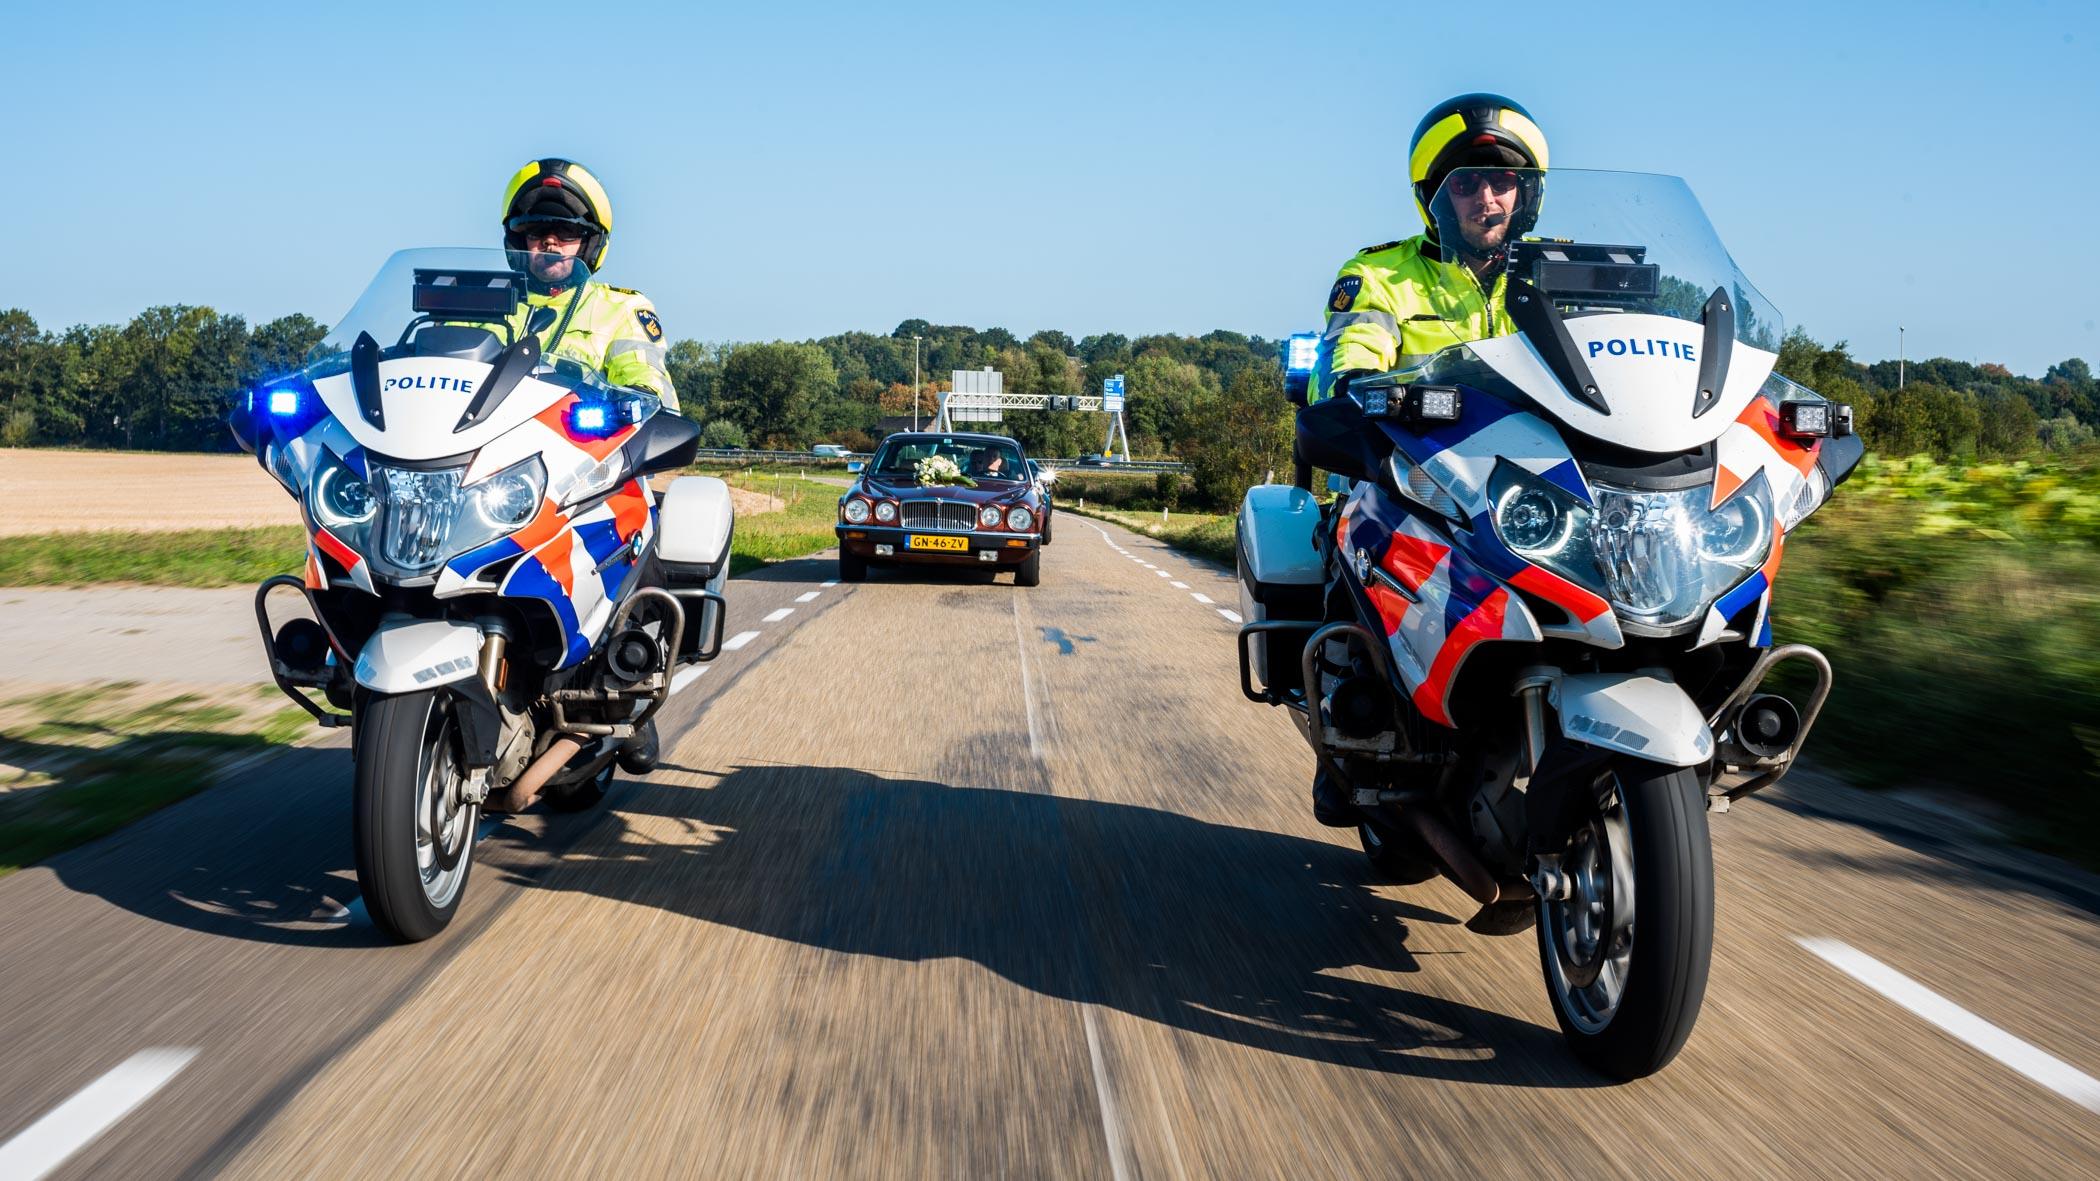 politie escort bruidegom